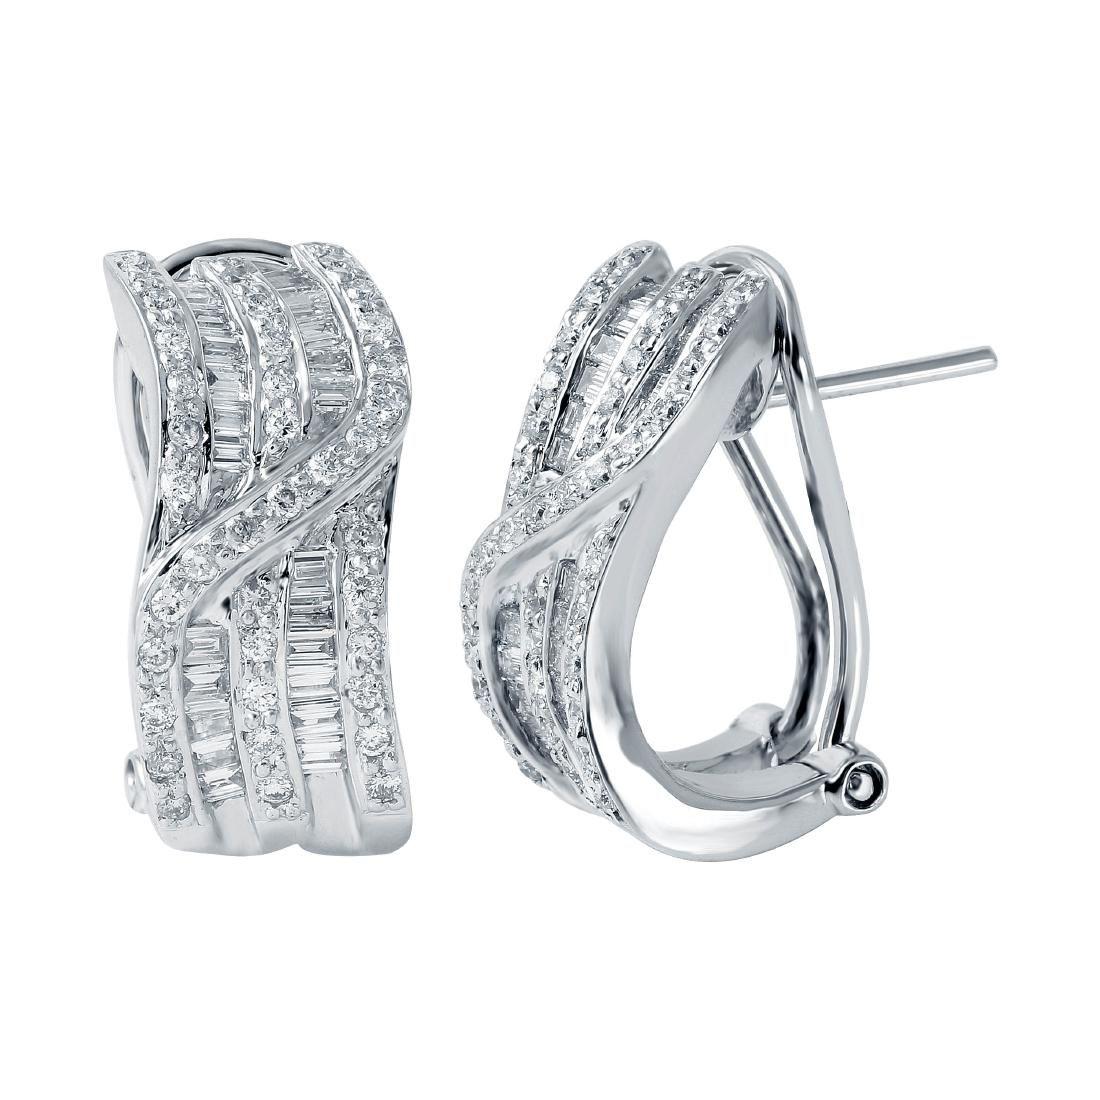 18KT White Gold Diamond Huggie Earrings